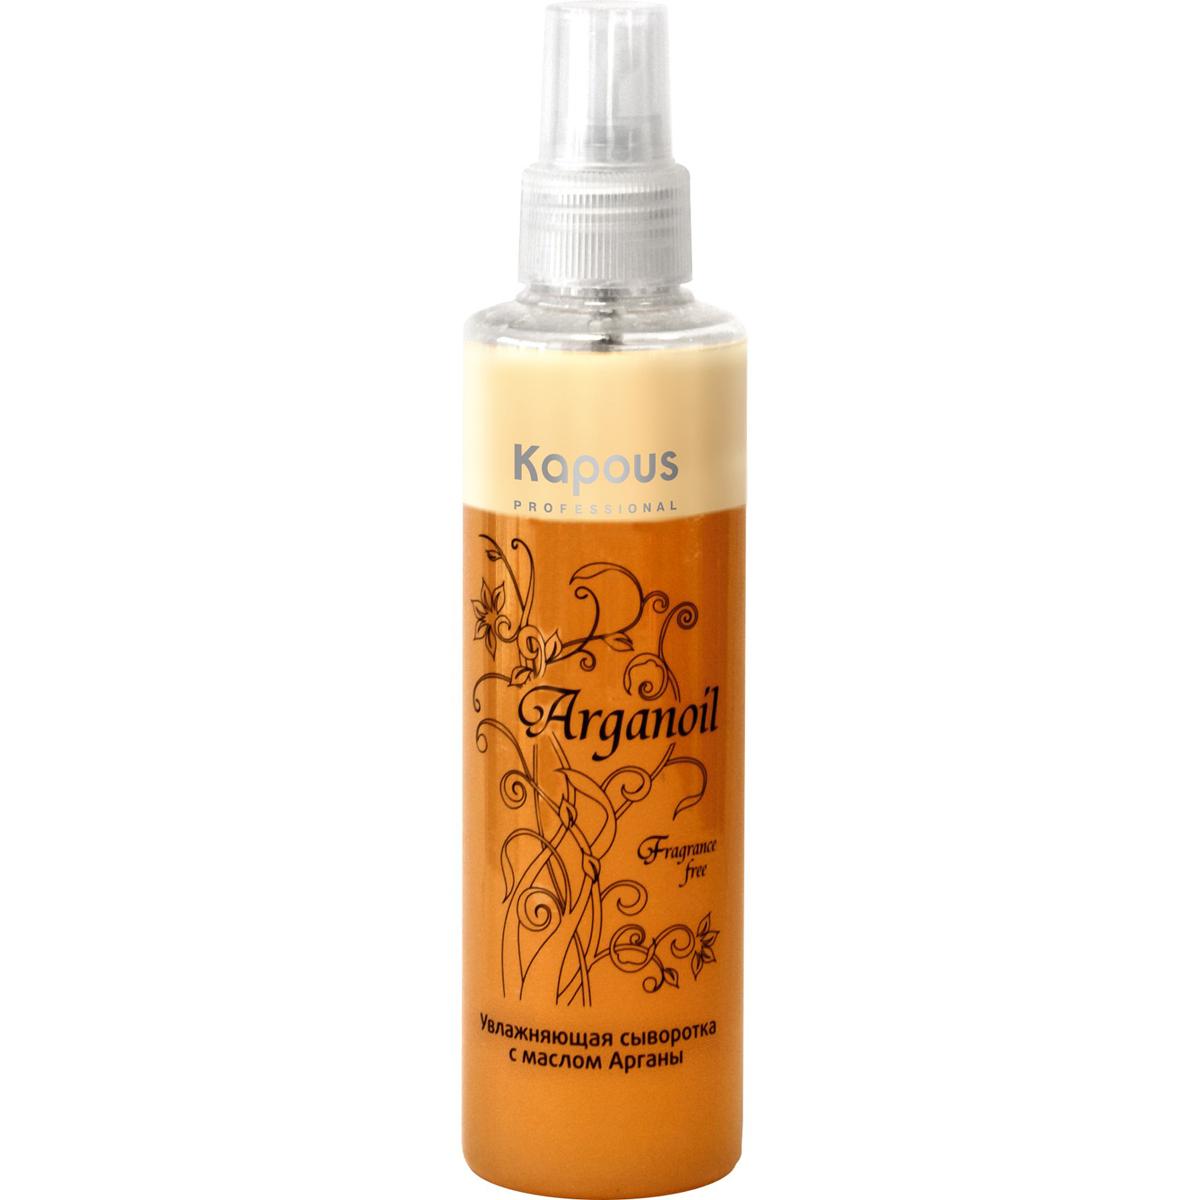 Kapous Увлажняющая сыворотка с маслом арганы Arganoil 200 млKap323Двухфазная сыворотка Kapous Arganoil на основе масла Арганы, кератина и молочной аминокислоты разработана специально для увлажнения и восстановления волос всех типов. Новая формула эффективно защищает волосы от негативного воздействия агрессивных факторов внешней среды, обеспечивая интенсивное увлажнение.Масло Арганы богато полиненасыщенными жирными кислотами, которые оказывают продолжительный увлажняющий эффект и укрепляют волосы, делая их более эластичными и блестящими. Природные антиоксиданты(полифенолы и токоферолы) защищают волосы от воздействия свободных радикалов, витамины А и Е стимулируют усиленную регенерацию клеток, реконструируют внутреннюю структуру, максимально напитывая волосы и возвращая эластичность и силу. Молочная аминокислота способствует процессам регенерации и обновлению клеток кожи и является регулятором гидробаланса кожи головы и волос. УФ-фильтры защищают волосы от негативного воздействия солнца, тем самым предотвращая преждевременное выгорание цвета, что сохраняет цвет окрашенных волос насыщенным.Результат: При регулярном применении сыворотка защищает волосы от ежедневного стресса, облегчает их расчесывание, делает их послушными, мягкими и здоровыми, придавая им сияющий блеск и многогранный цвет.Способ применения: Перед применением хорошо встряхнуть бутылку для смешения двух фаз и равномерно нанести небольшое количество сыворотки на вымытые, подсушенные полотенцем волосы, уделяя особое внимание наиболее поврежденным участкам, не смывать. Предназначена для использования после каждого мытья. Допускается наносить на сухие волосы.